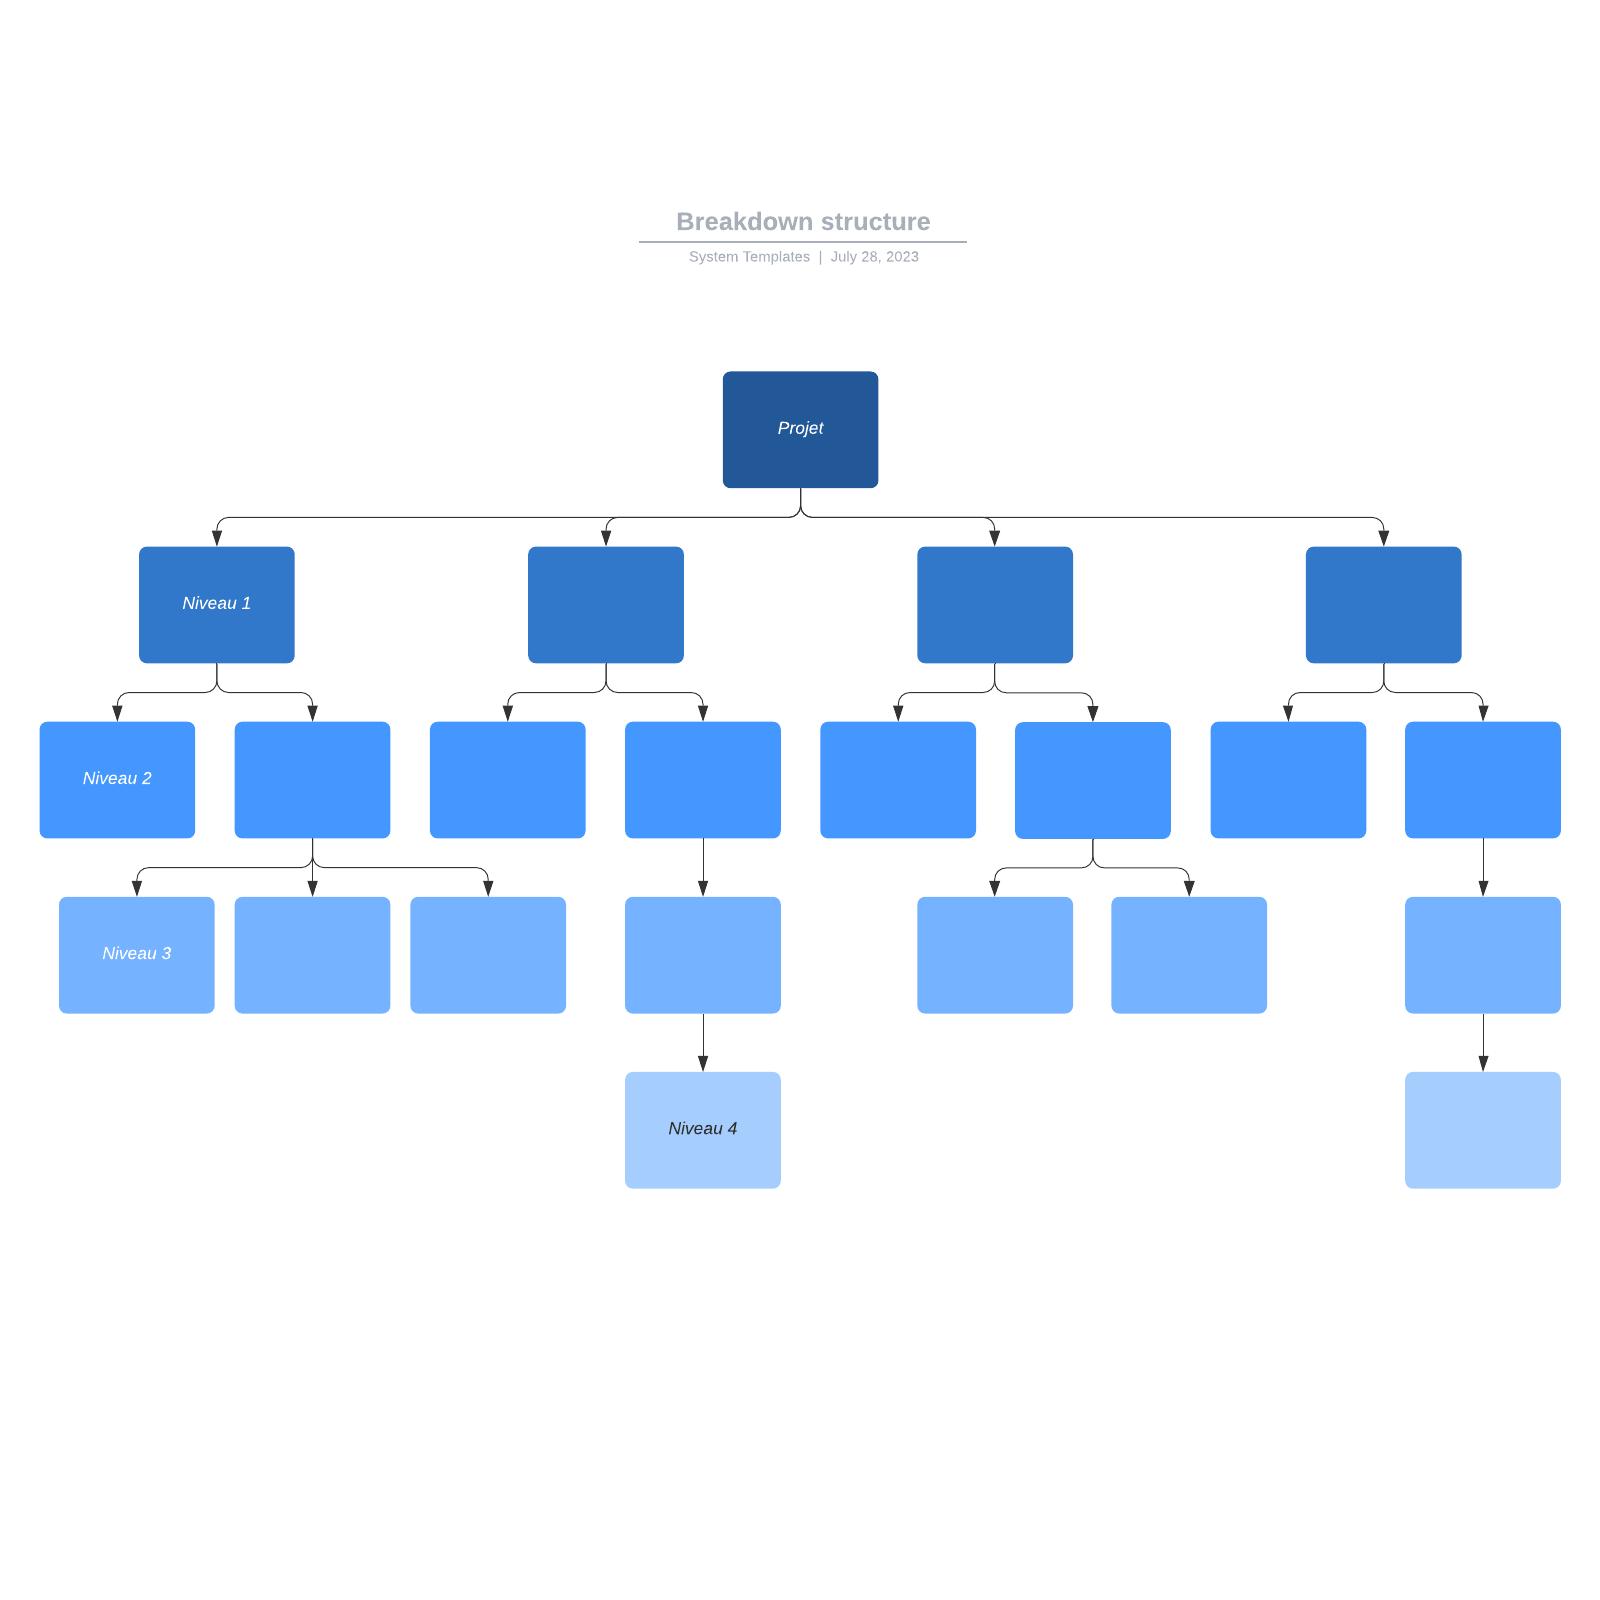 exemple de Breakdown Structure vierge